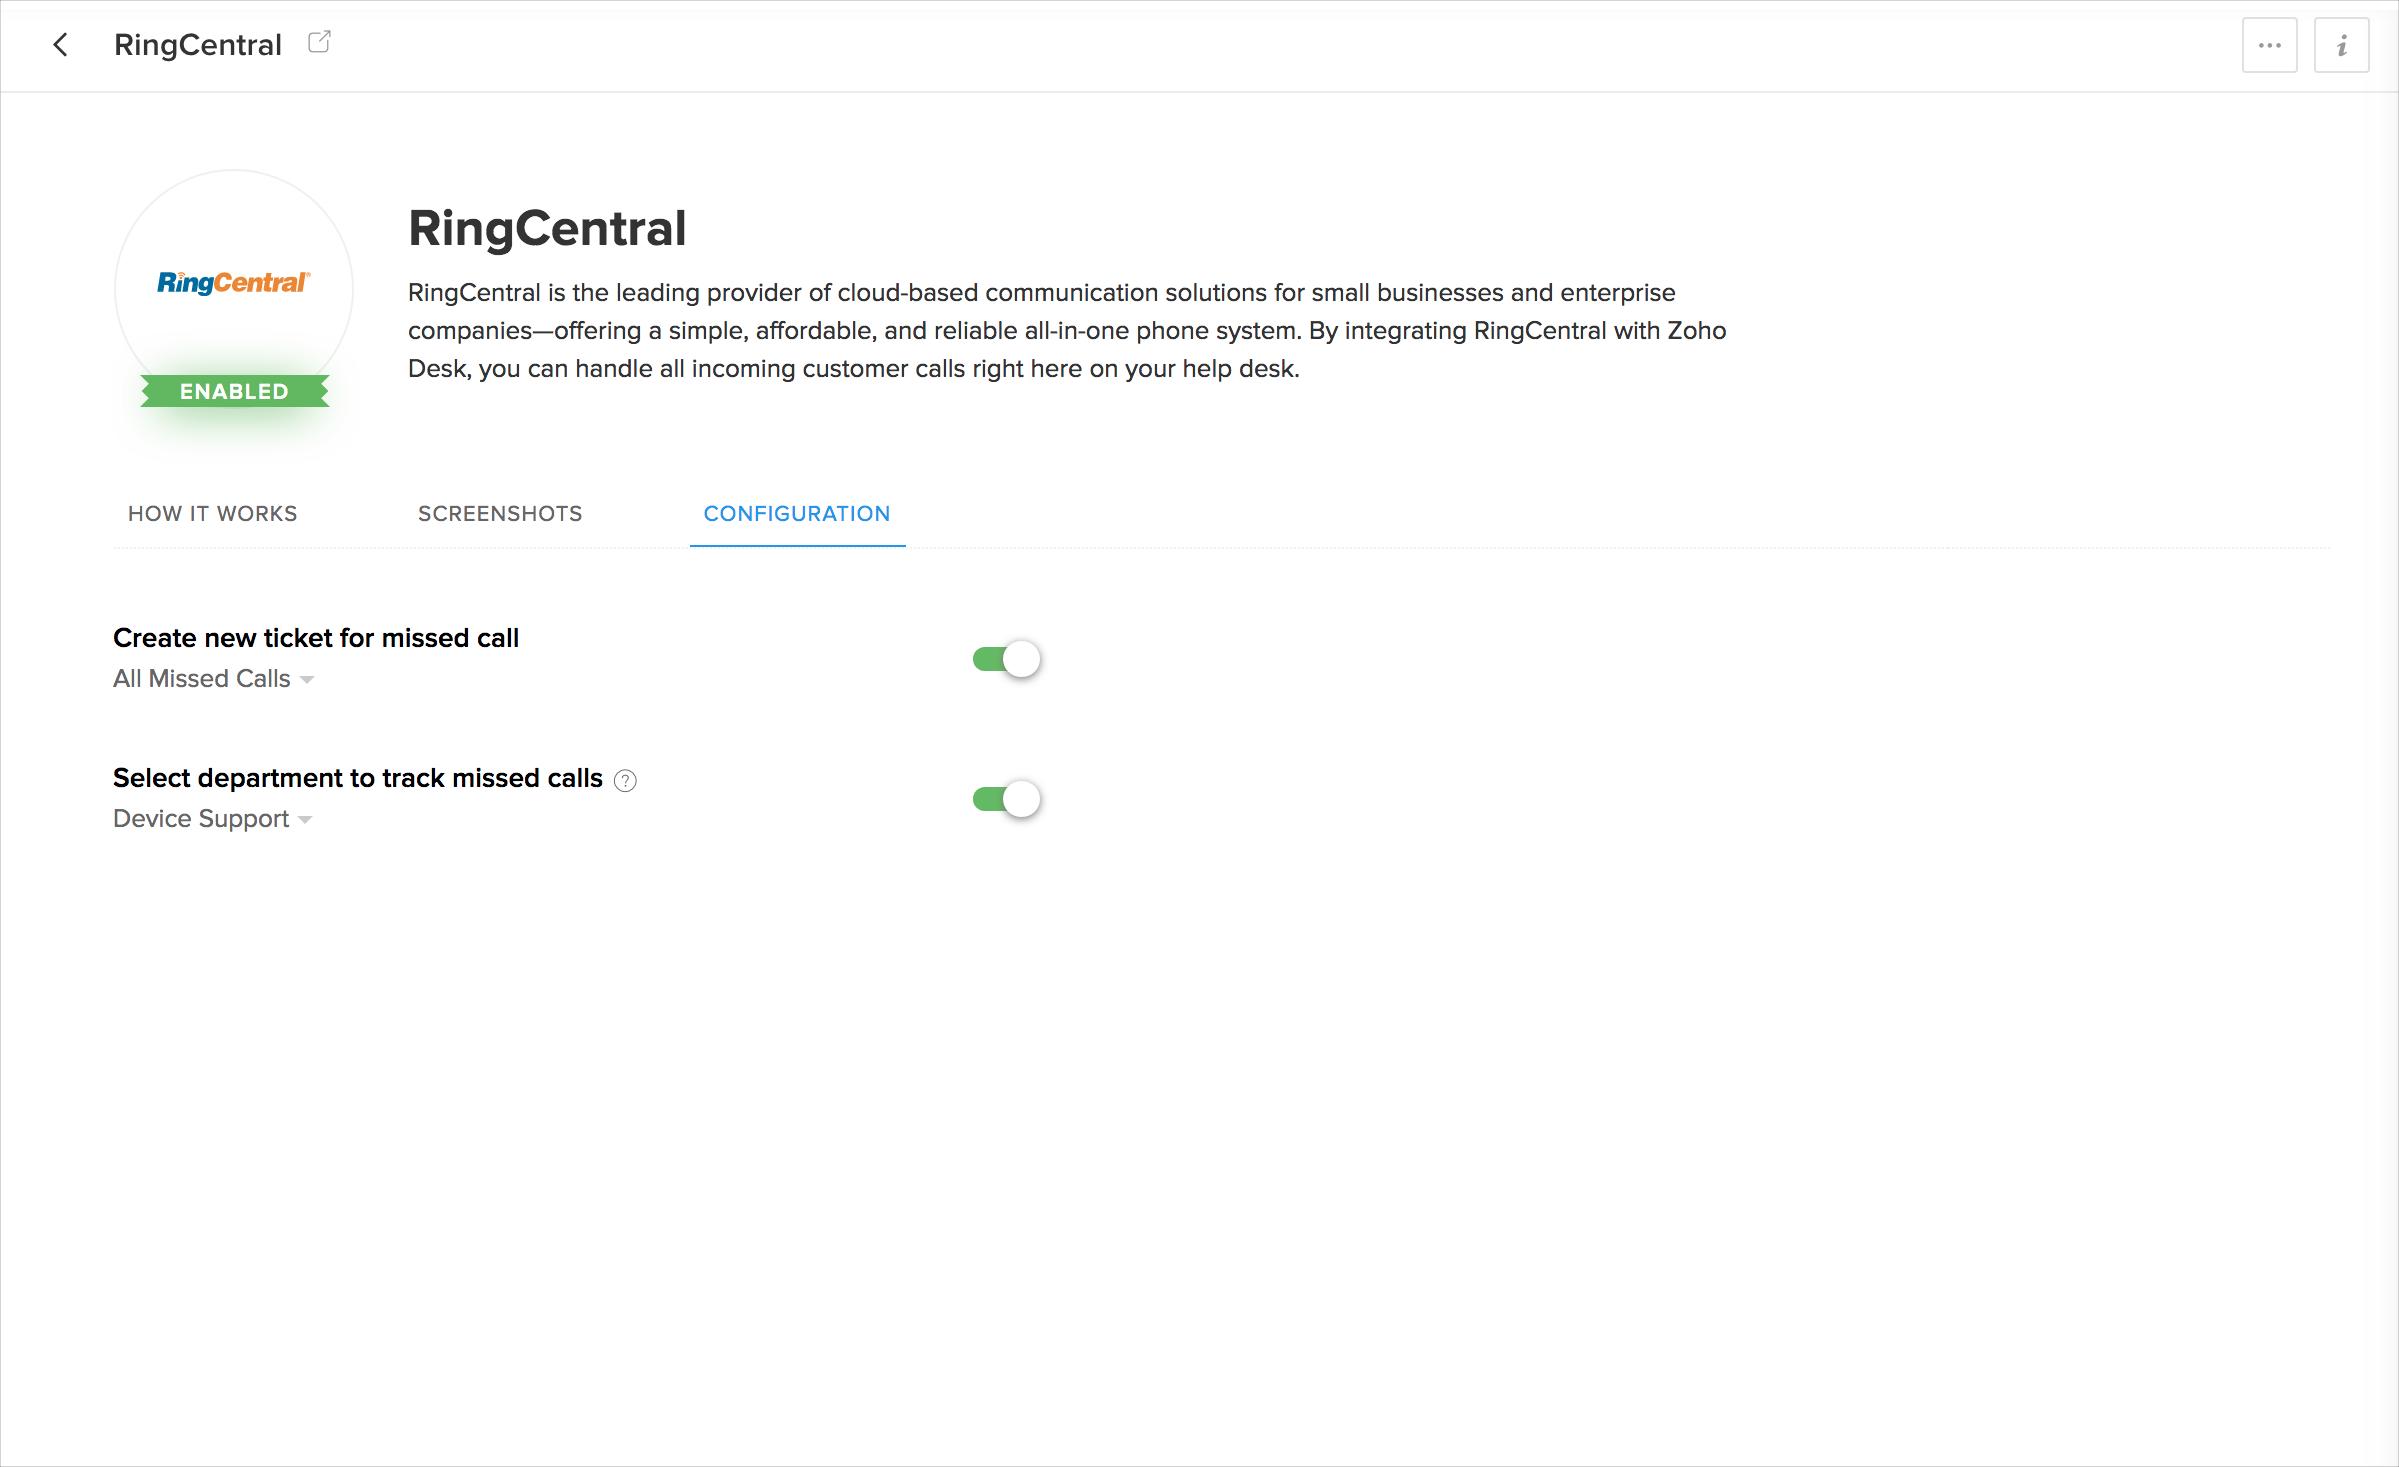 RingCentral Integration - Zoho Desk Knowledgebase